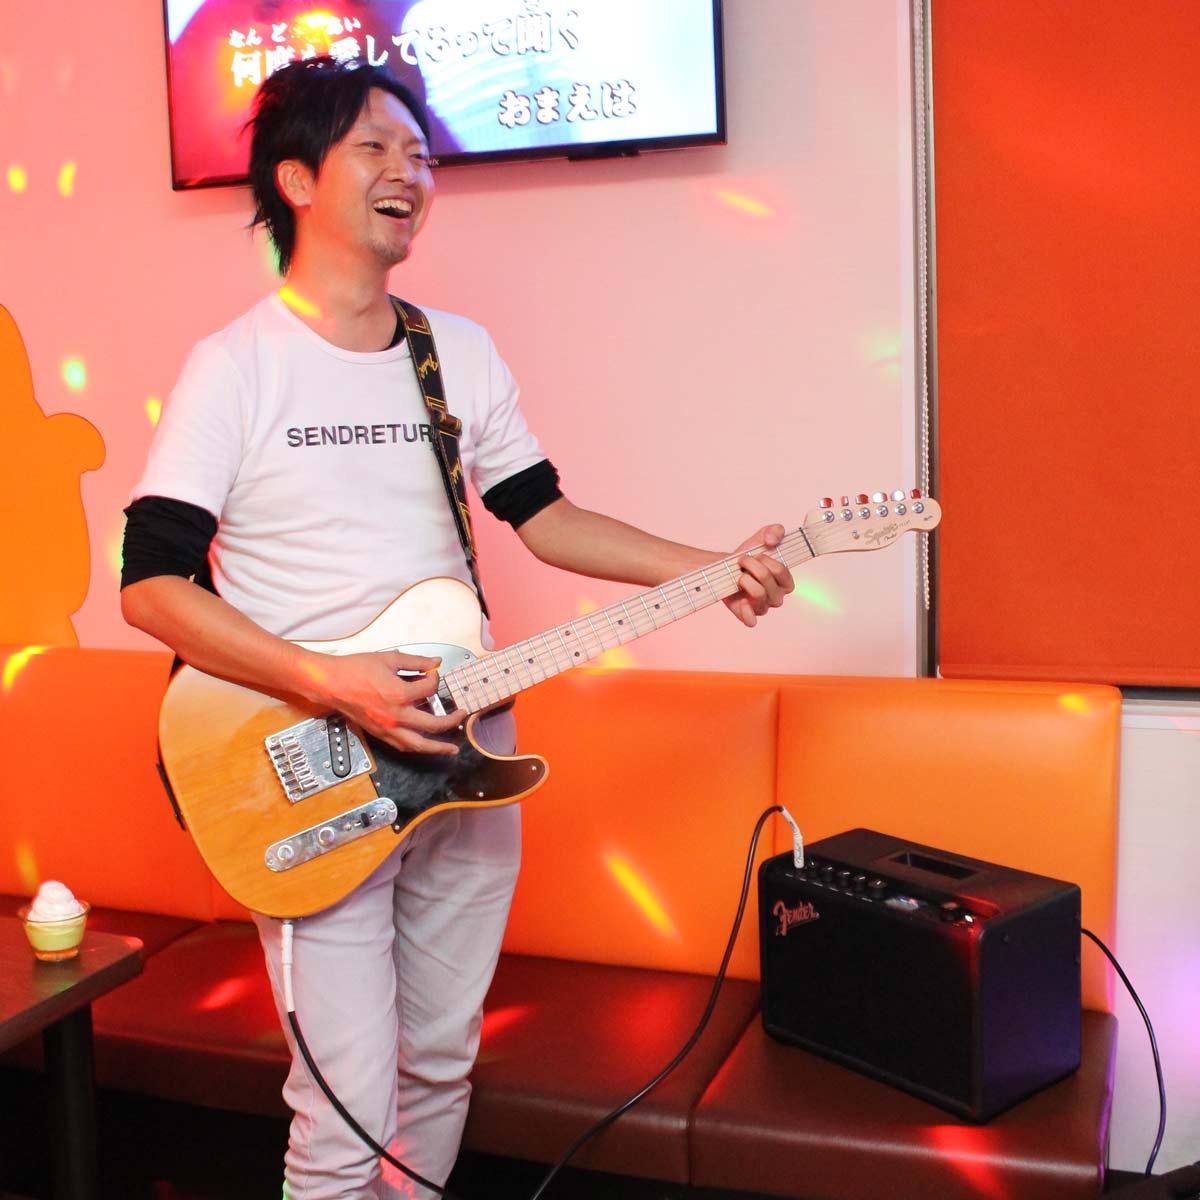 神サービス! Fenderのアンプ&ギターを無料貸出するカラオケ「まねきねこ」に行ってみた